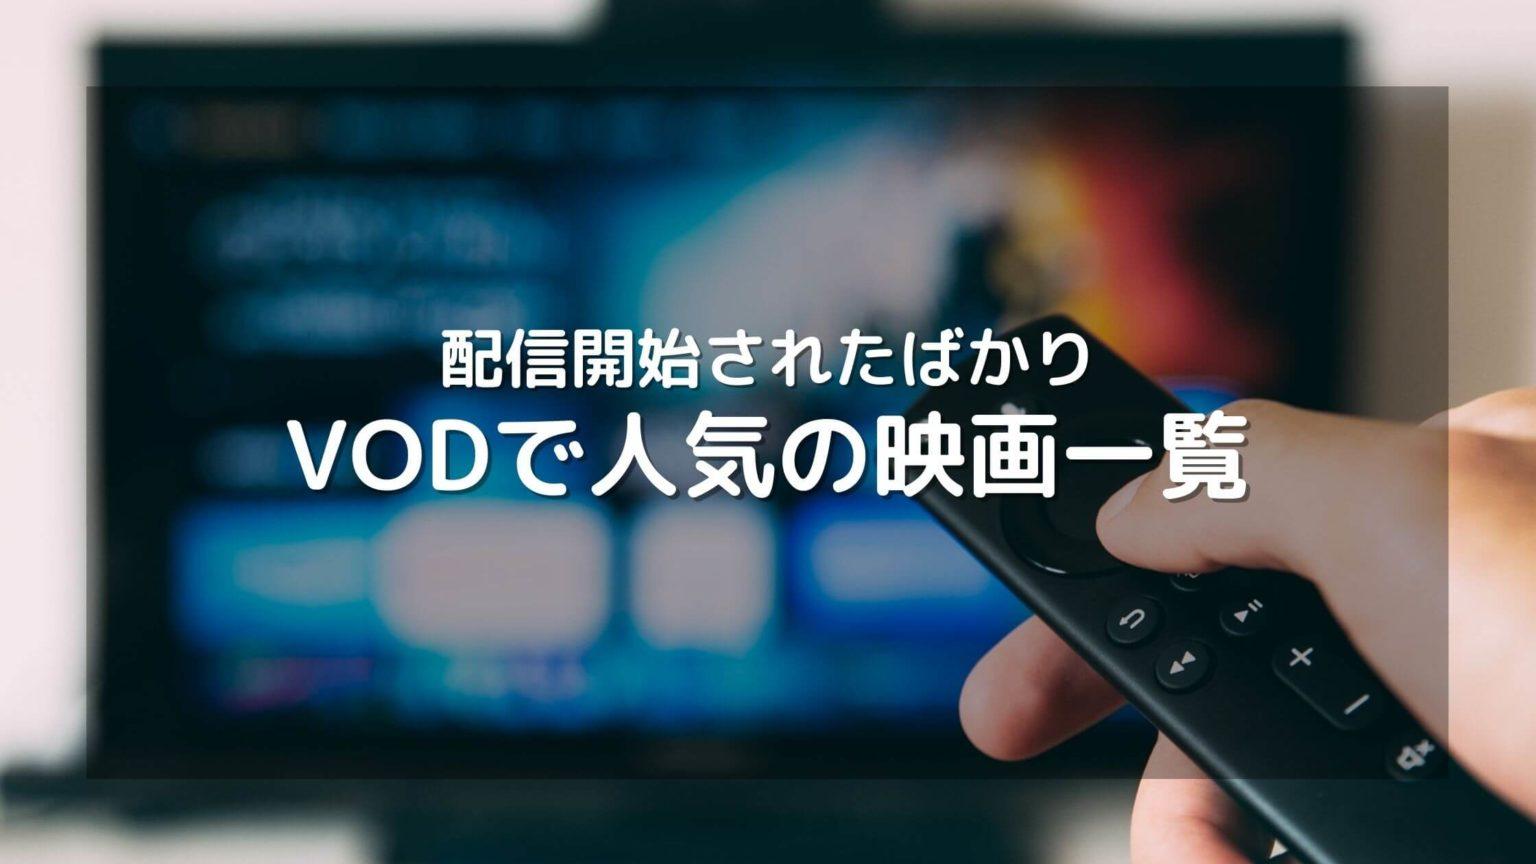 【2020年9月版】VODで配信開始の最新映画一覧と無料視聴できるおすすめ動画配信サービス